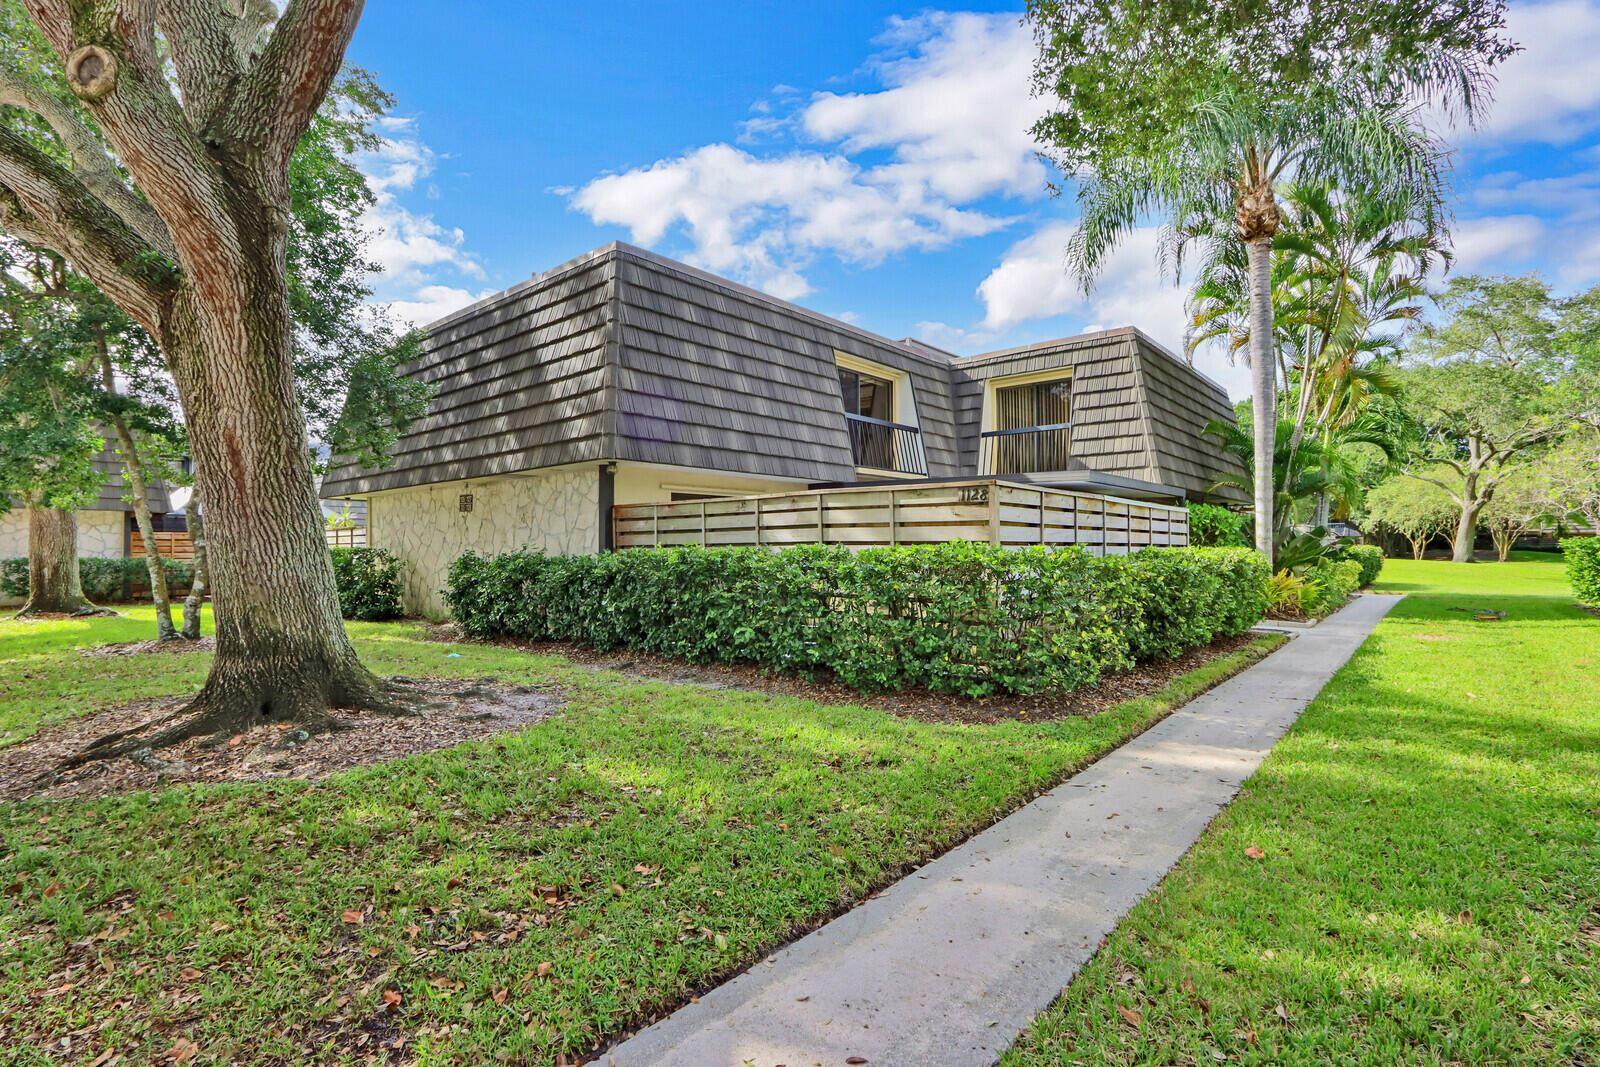 Photo for 1128 11th Terrace, Palm Beach Gardens, FL 33418 (MLS # RX-10750548)